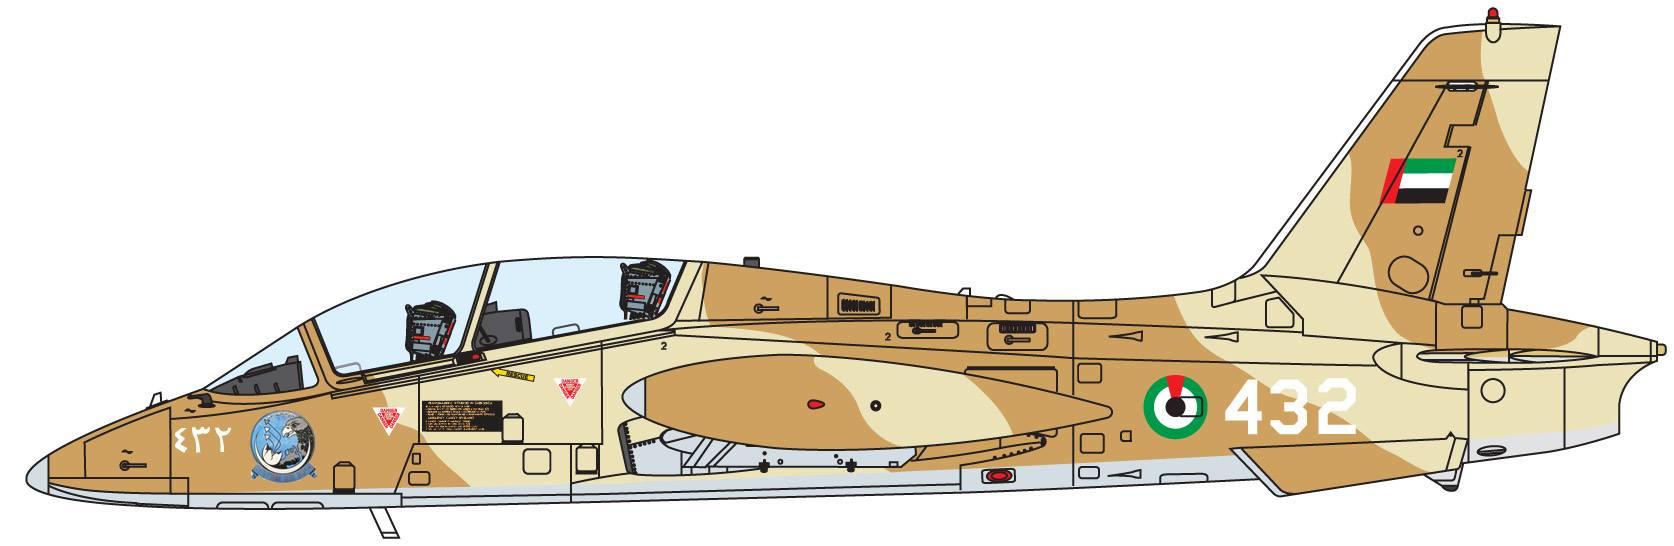 Maqueta Italeri MB-339 5